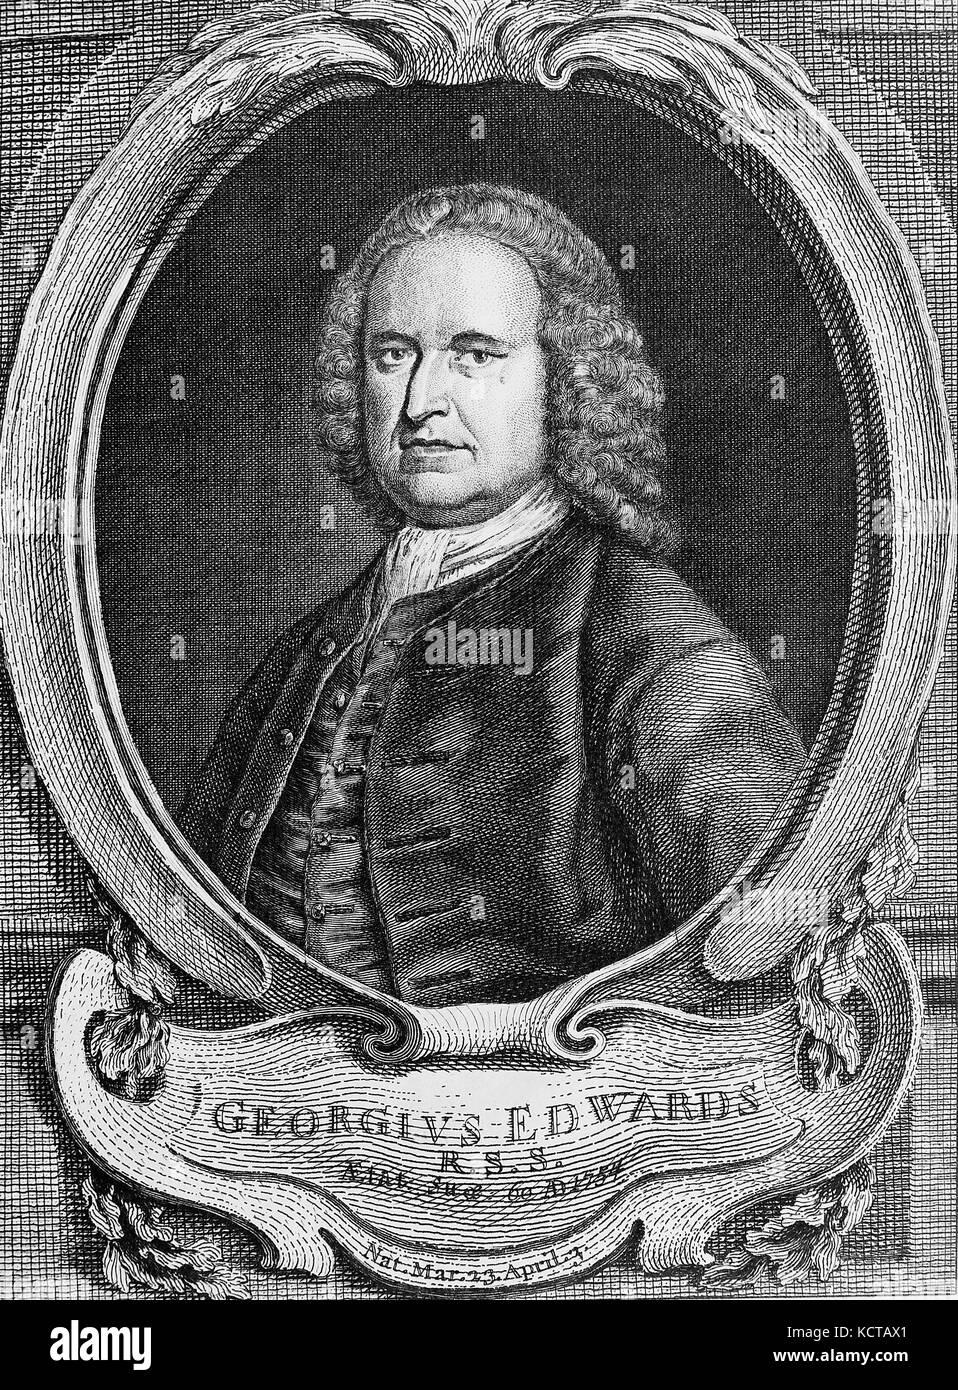 GEORGE EDWARDS (1694-1773) English ornithologist - Stock Image